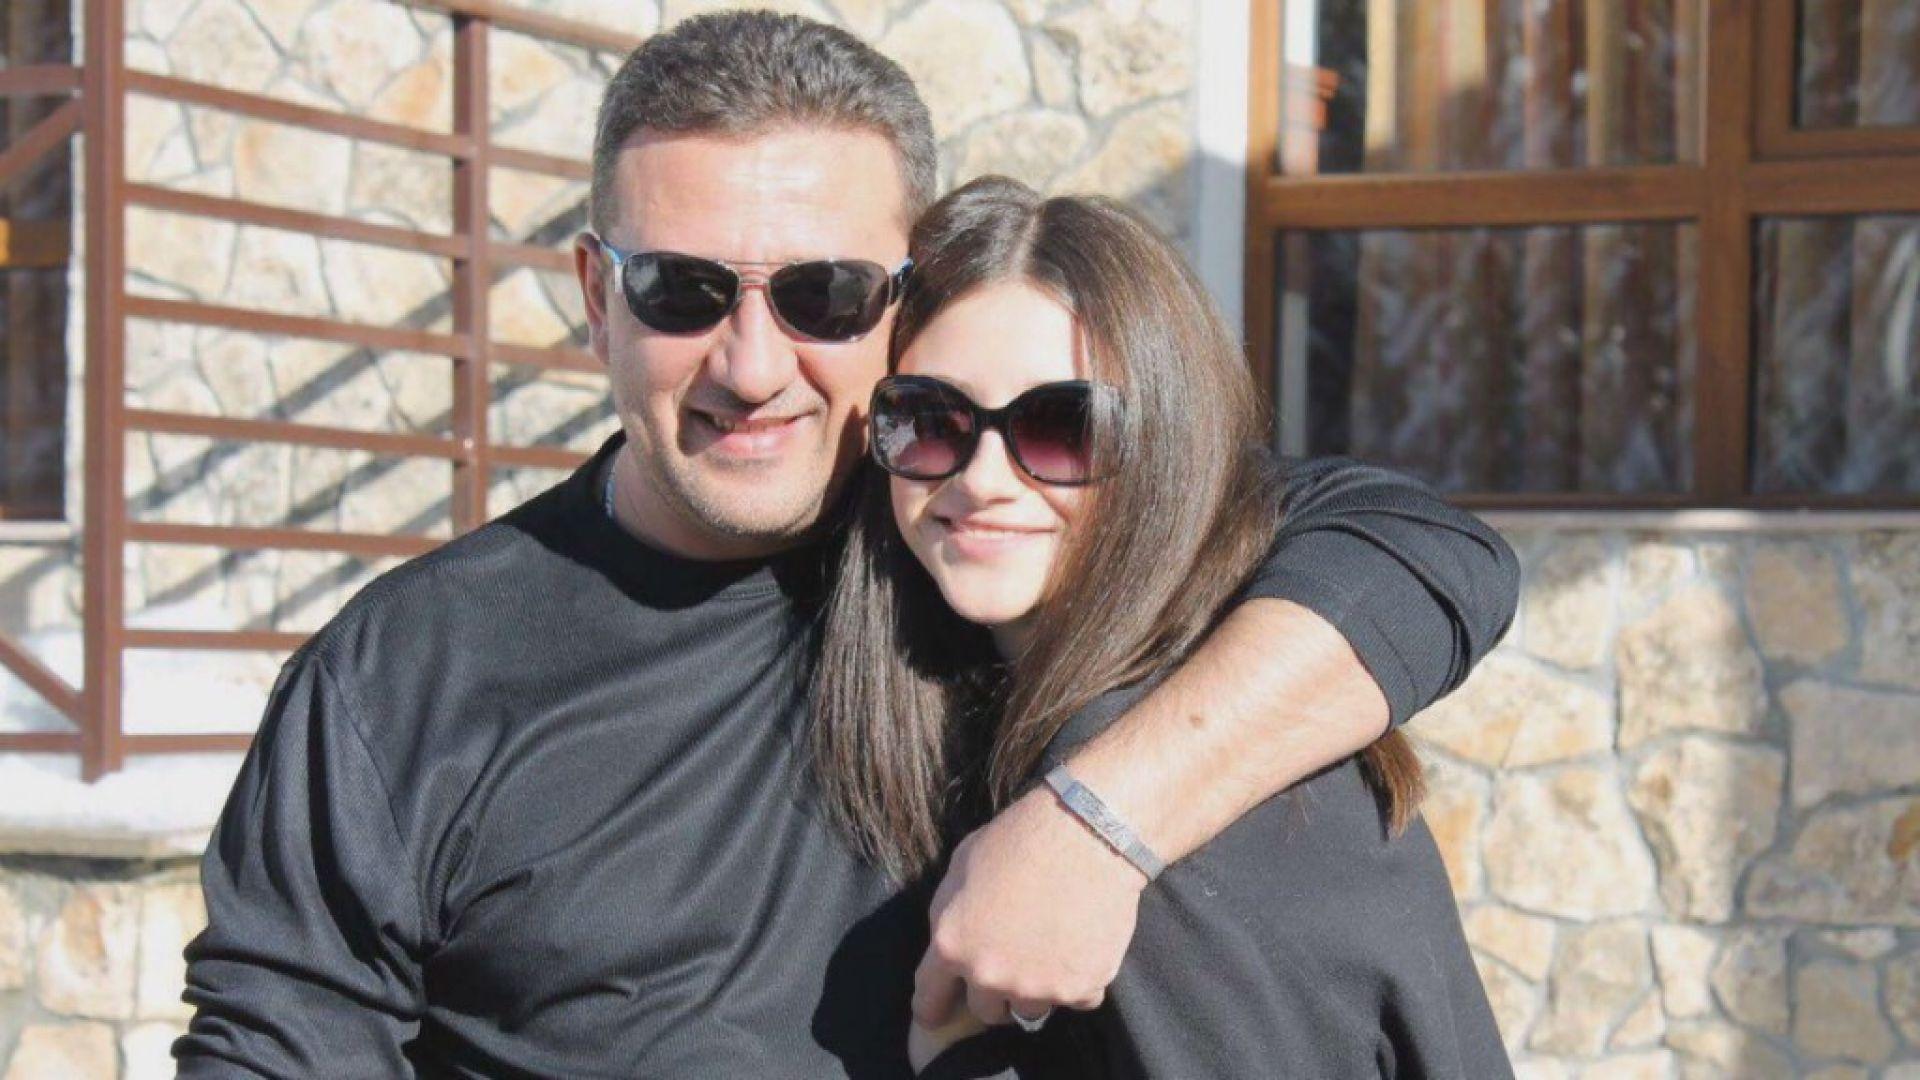 САЩ искат екстрадиция на българин, обвинен в пране на пари чрез биткойни